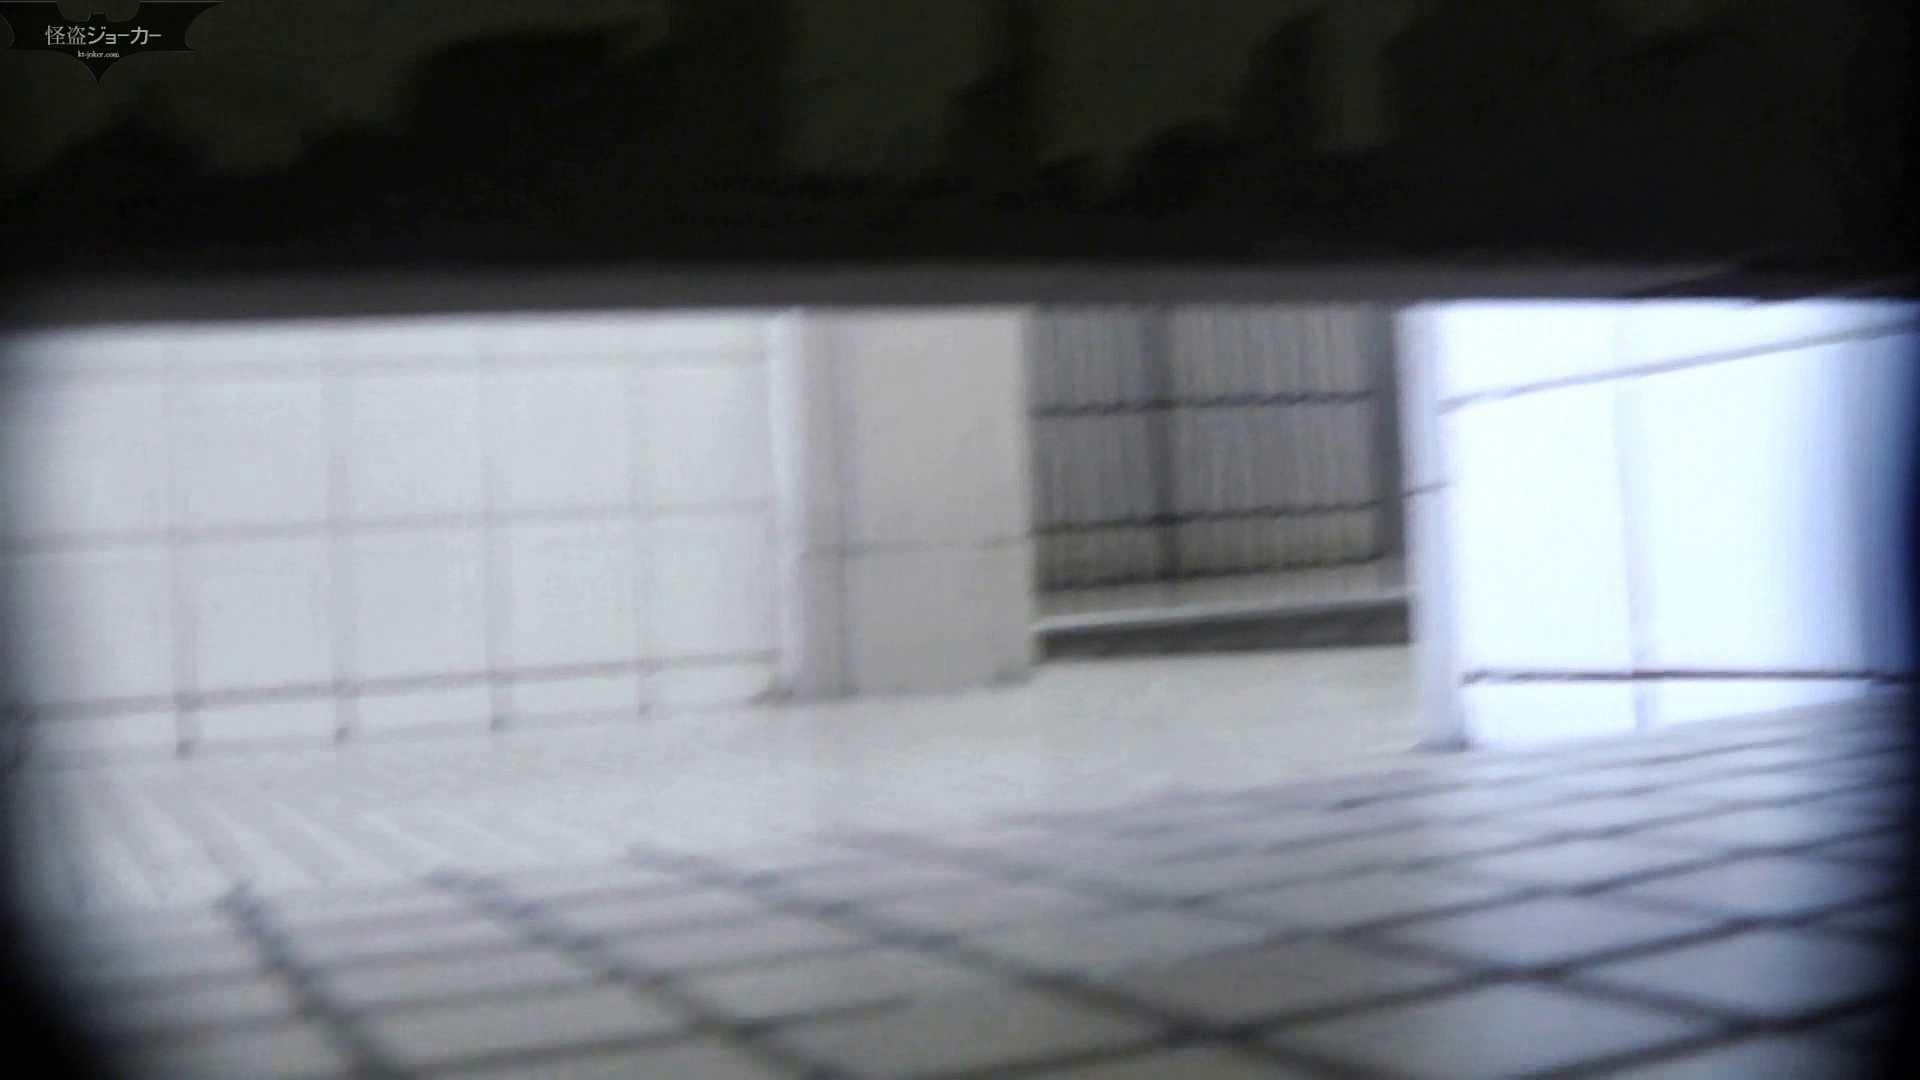 【美しき個室な世界】洗面所特攻隊 vol.051 洗面所  72PIX 22